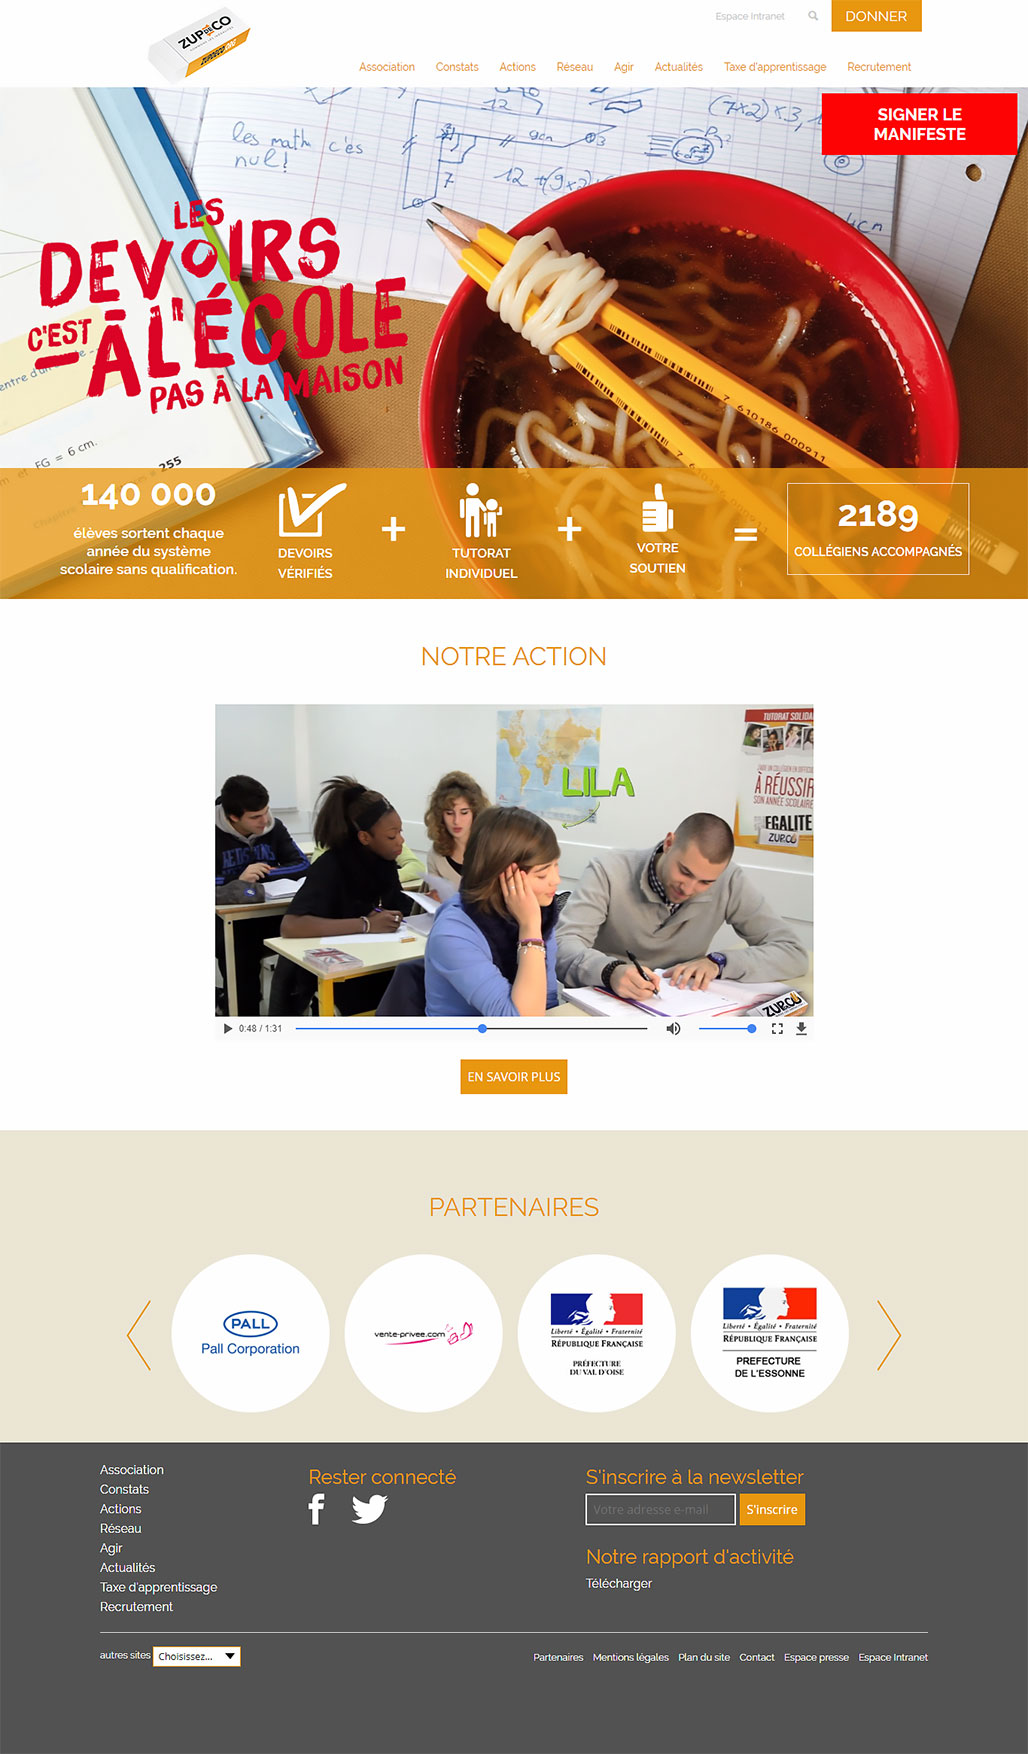 Сайт компании Zup de co